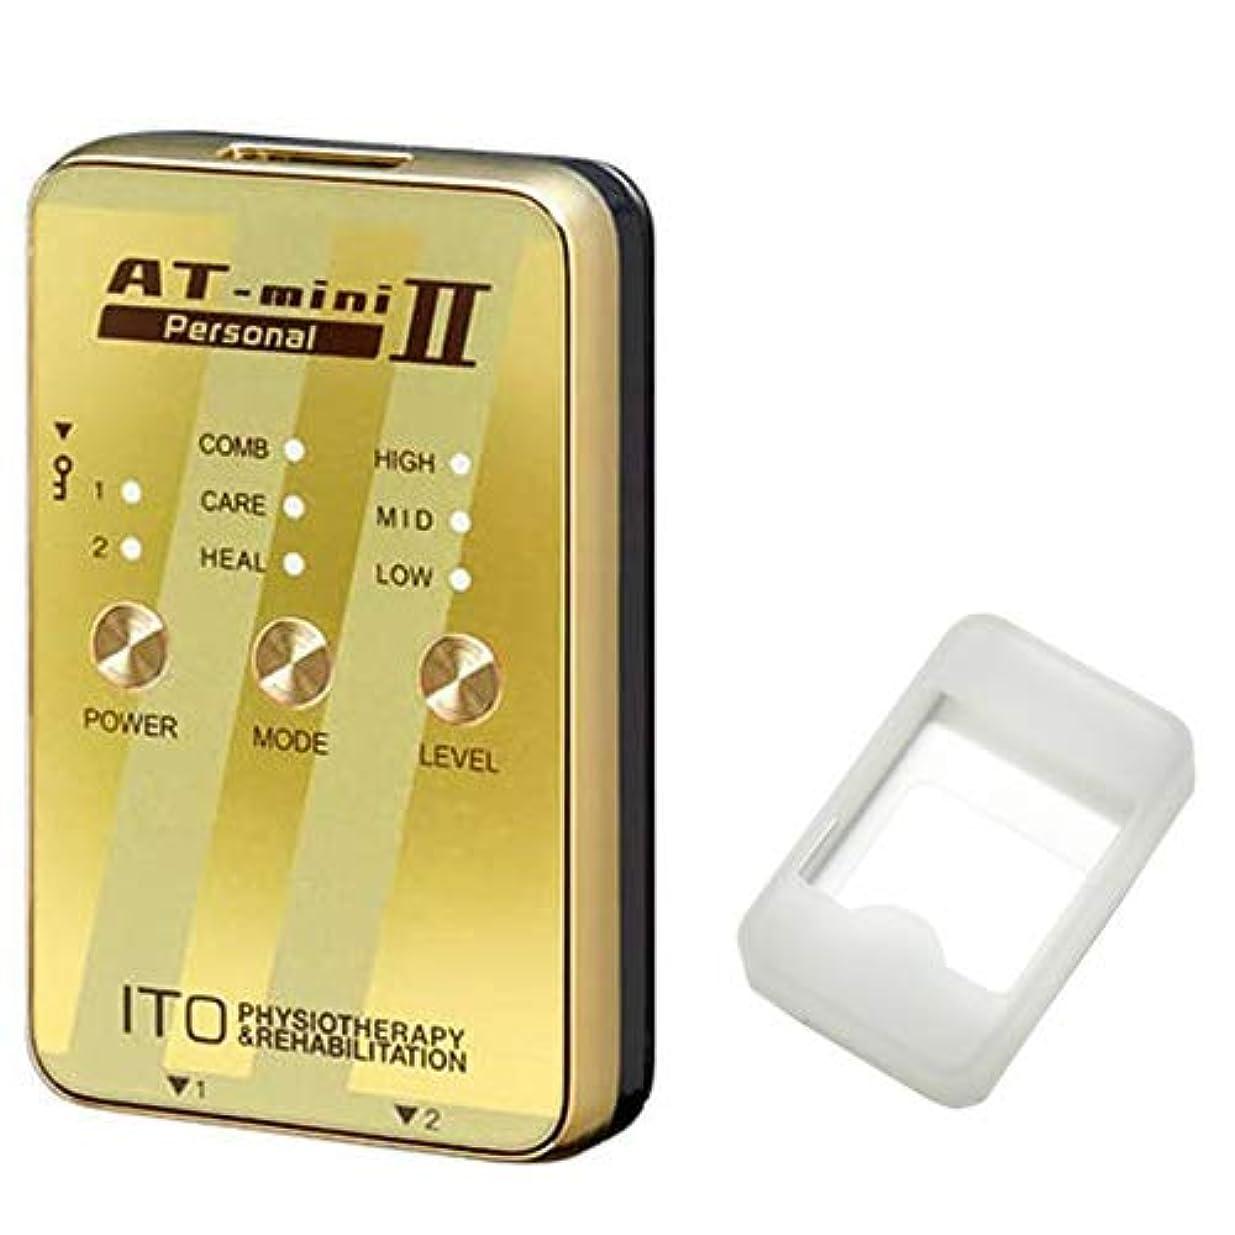 統合スピーカーむちゃくちゃ低周波治療器 AT-mini personal II ゴールド (ATミニパーソナル2) + シリコン保護ケース